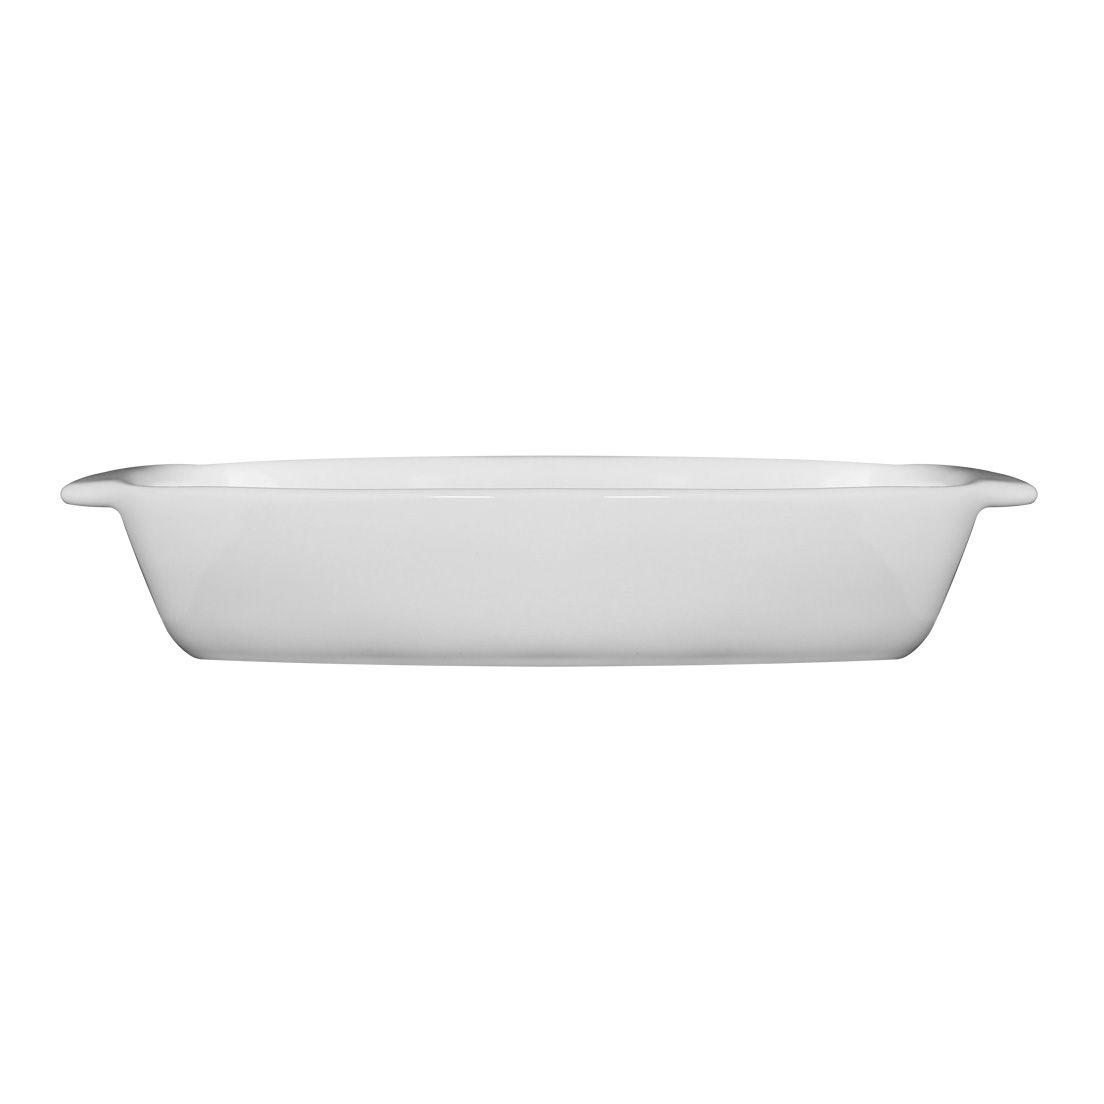 Assadeira La Faenza 34cm de Cerâmica para Micro-Ondas, Forno Convencional e Elétrico Retangular com Alça Branco